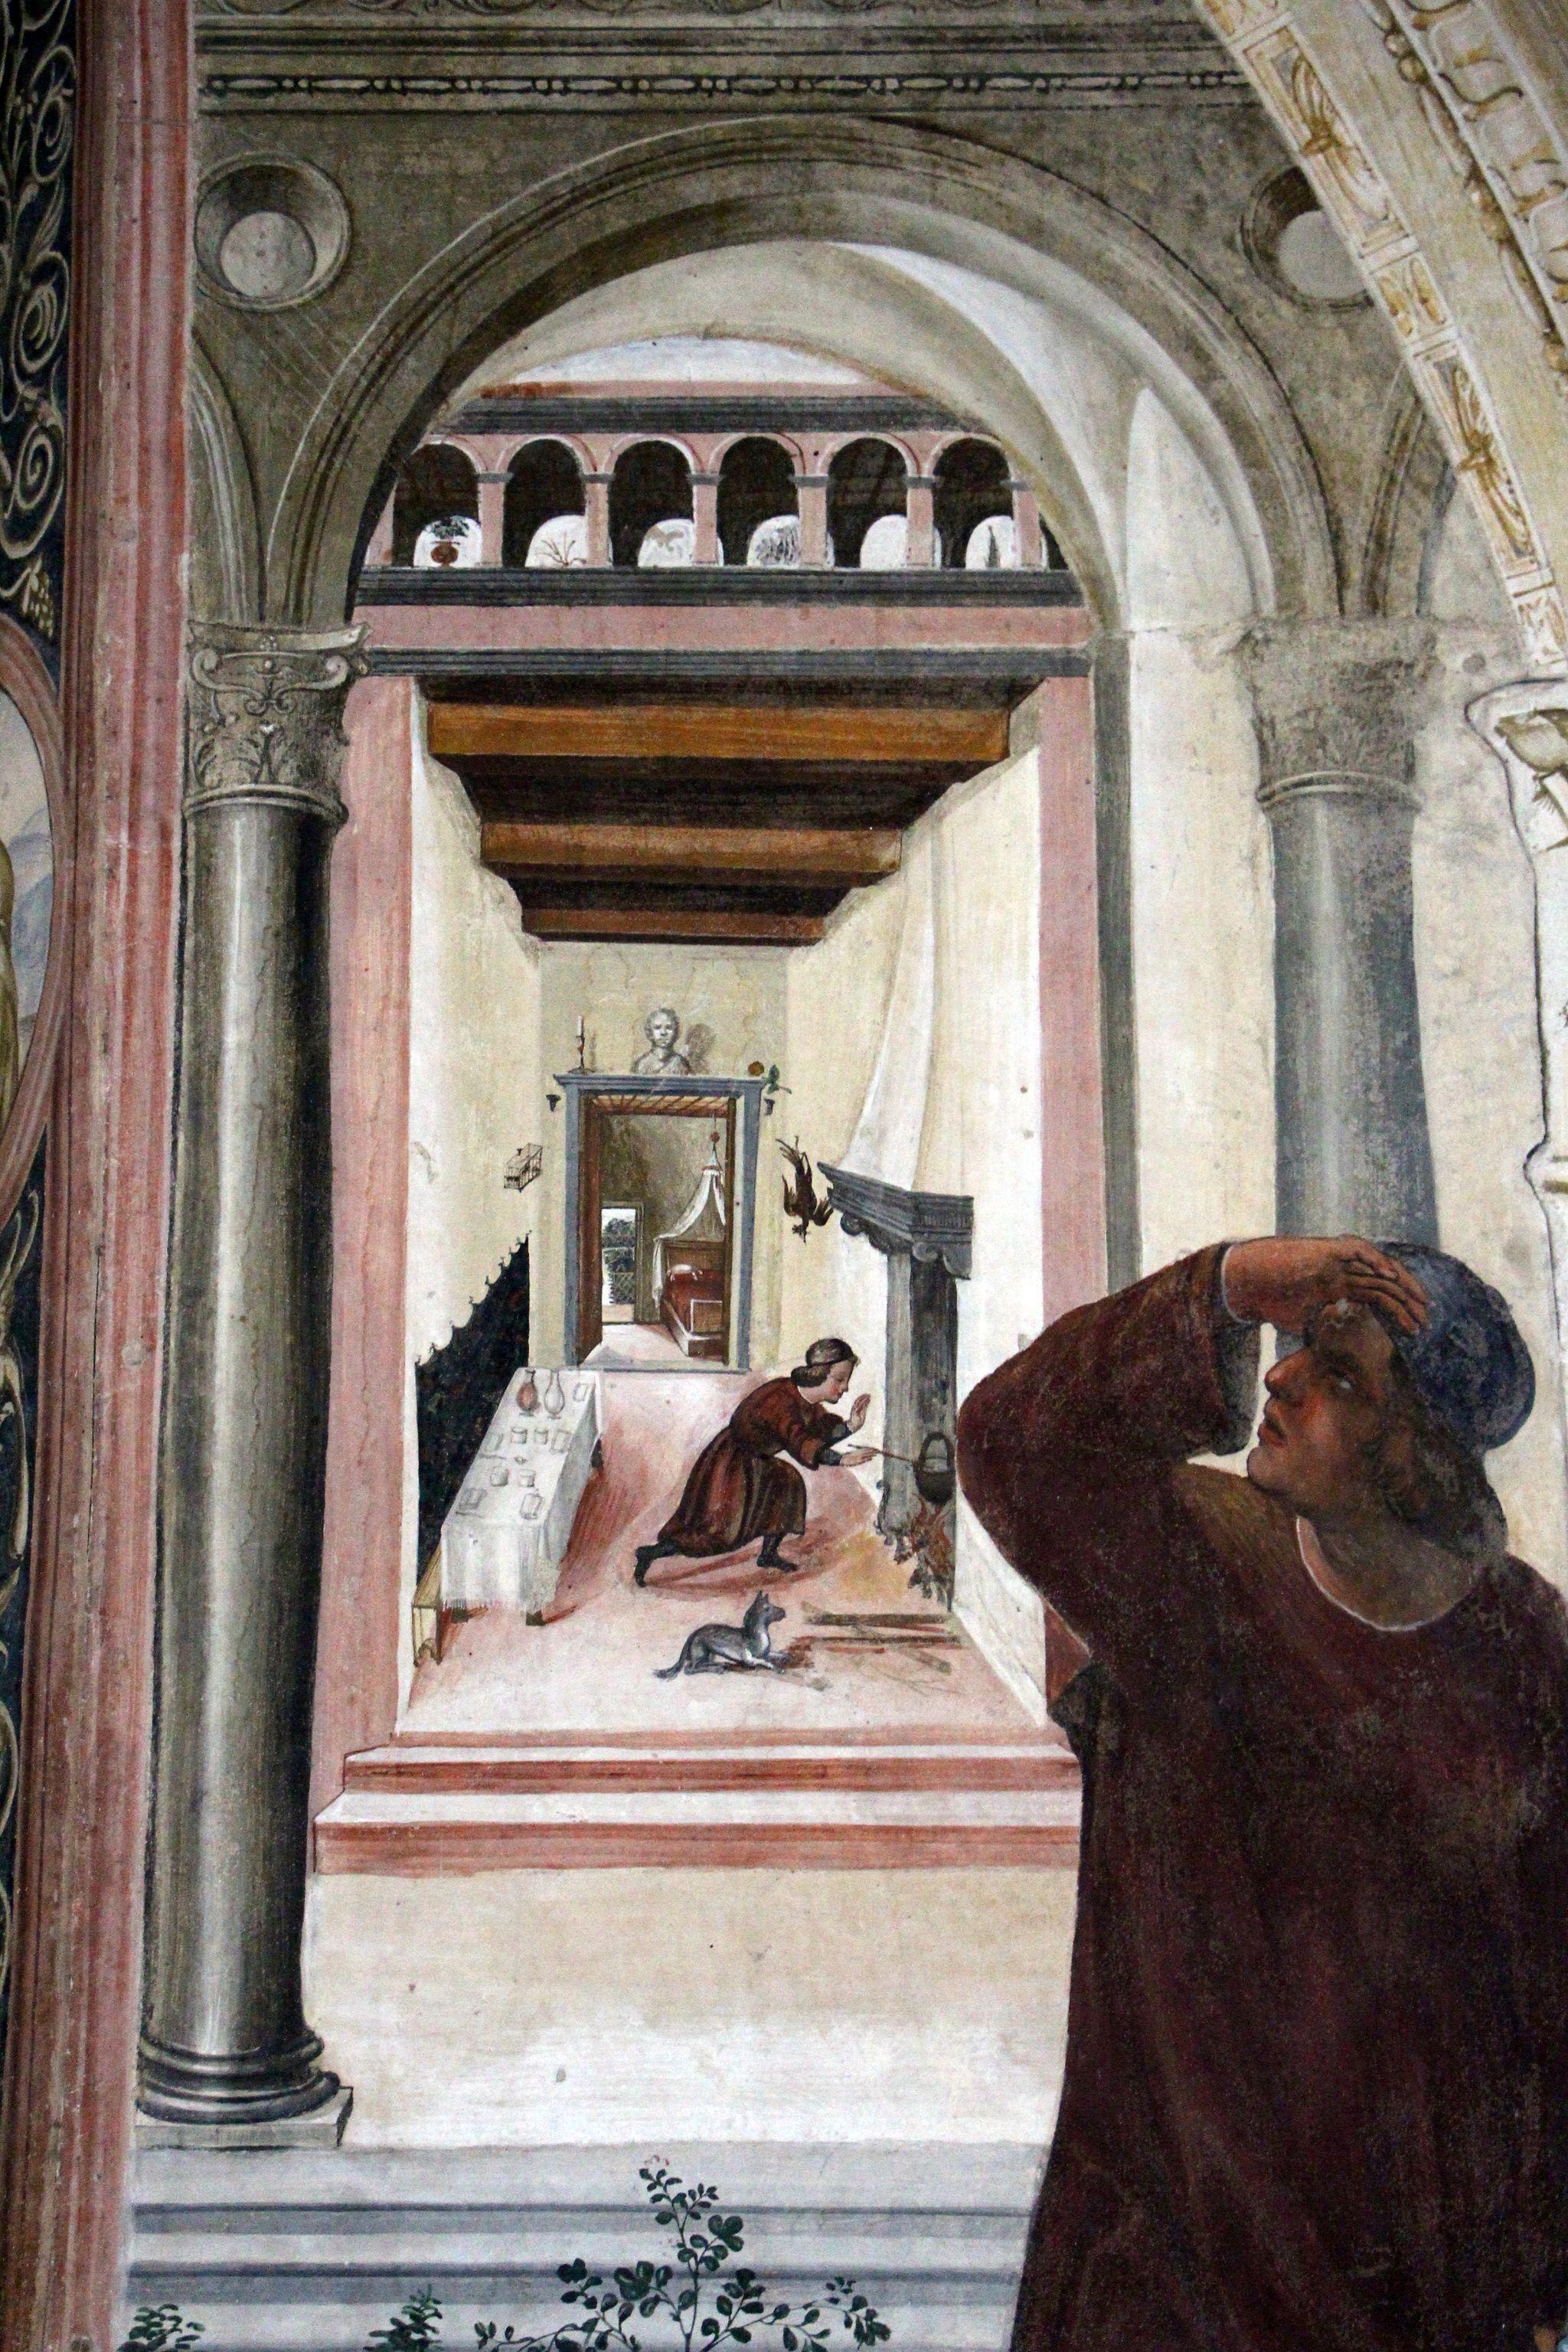 Arte in Toscana | Il Sodoma, Le storie di San Benedetto (6) Come un Prete ispirato da Dio porta da mangiare a Benedetto nel giorno di Pasqua, Chiostro grande del monastero di Monte Oliveto Maggiore (particolare)